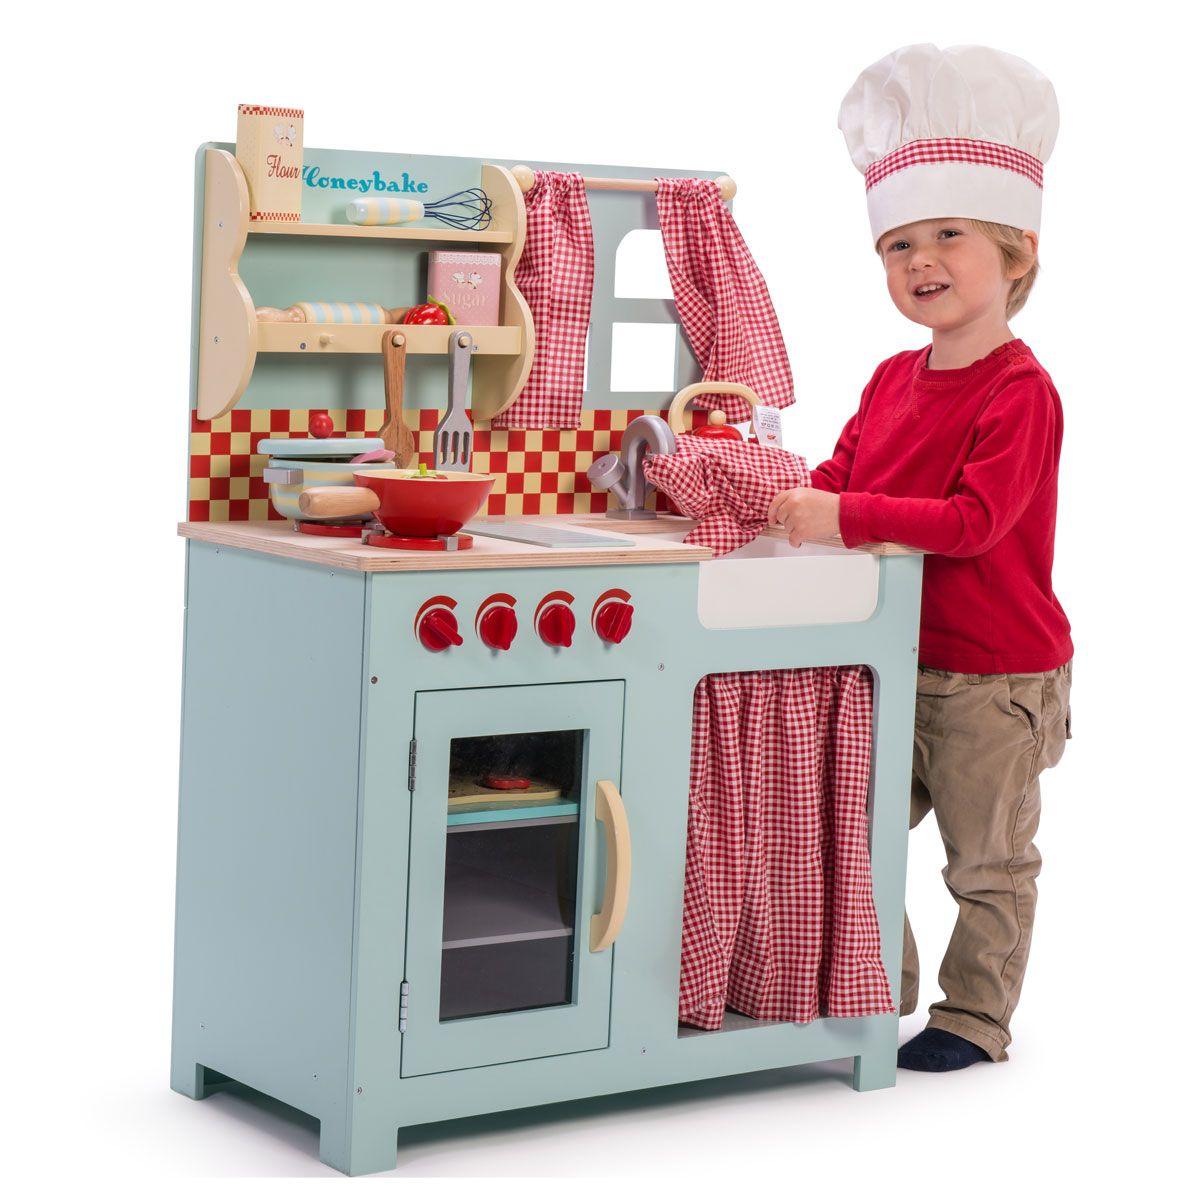 Le Toy Van Grosse Kuche Kinderkuche Pinterest Toy Kitchen Toys